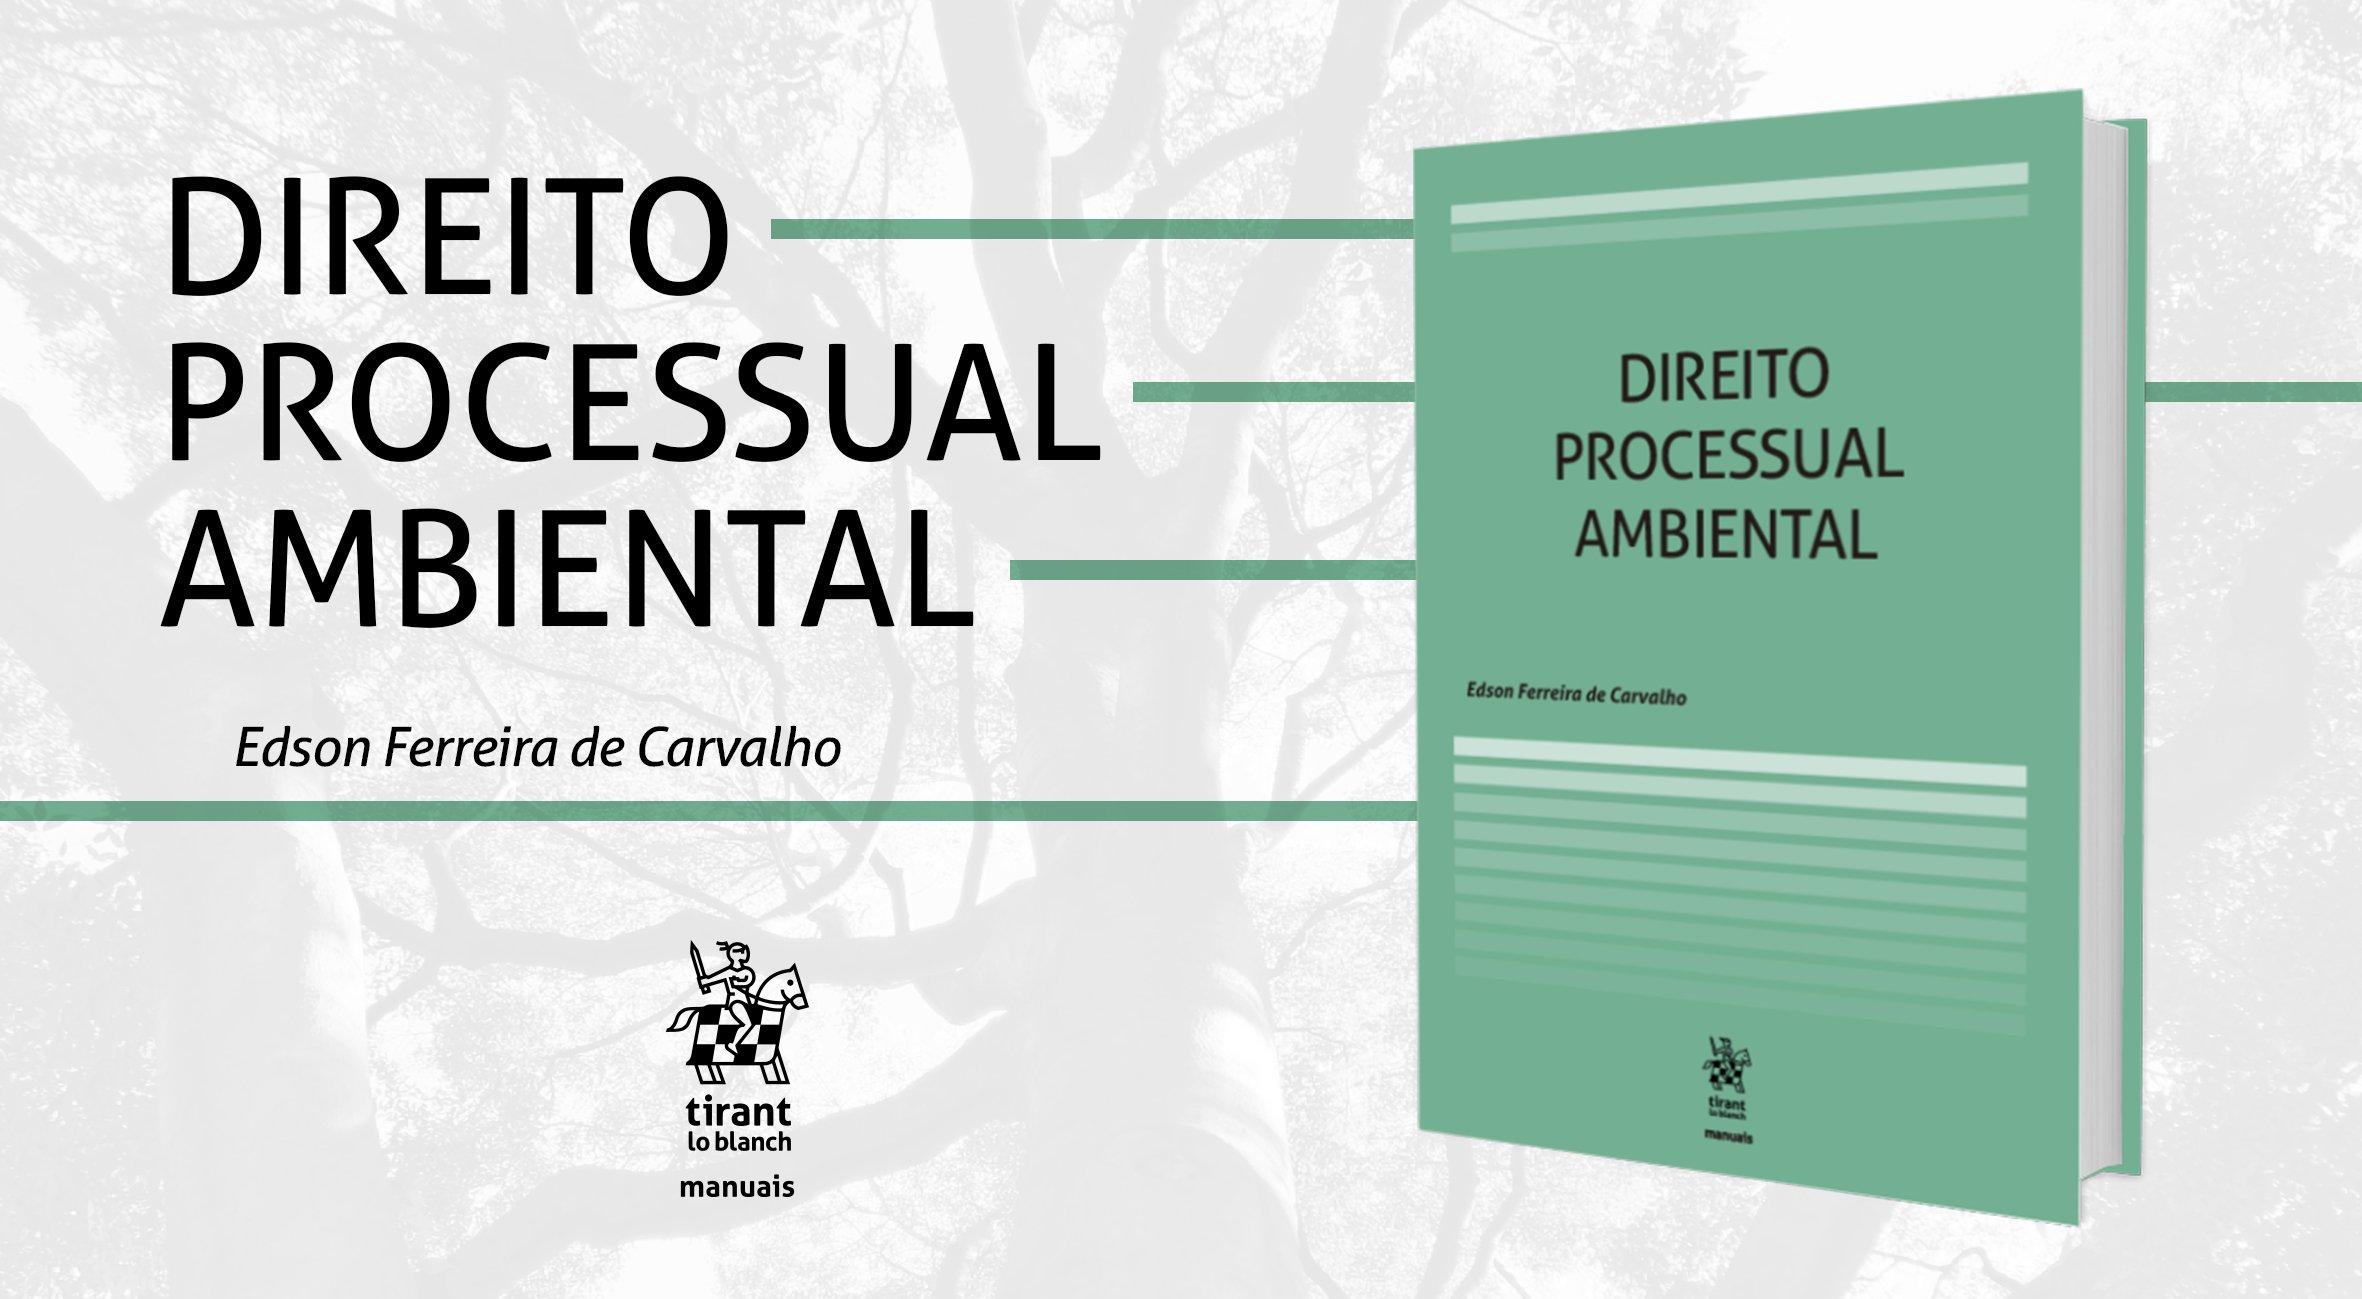 Curso de Direito Processual Ambiental, de Edson Ferreira Carvalho